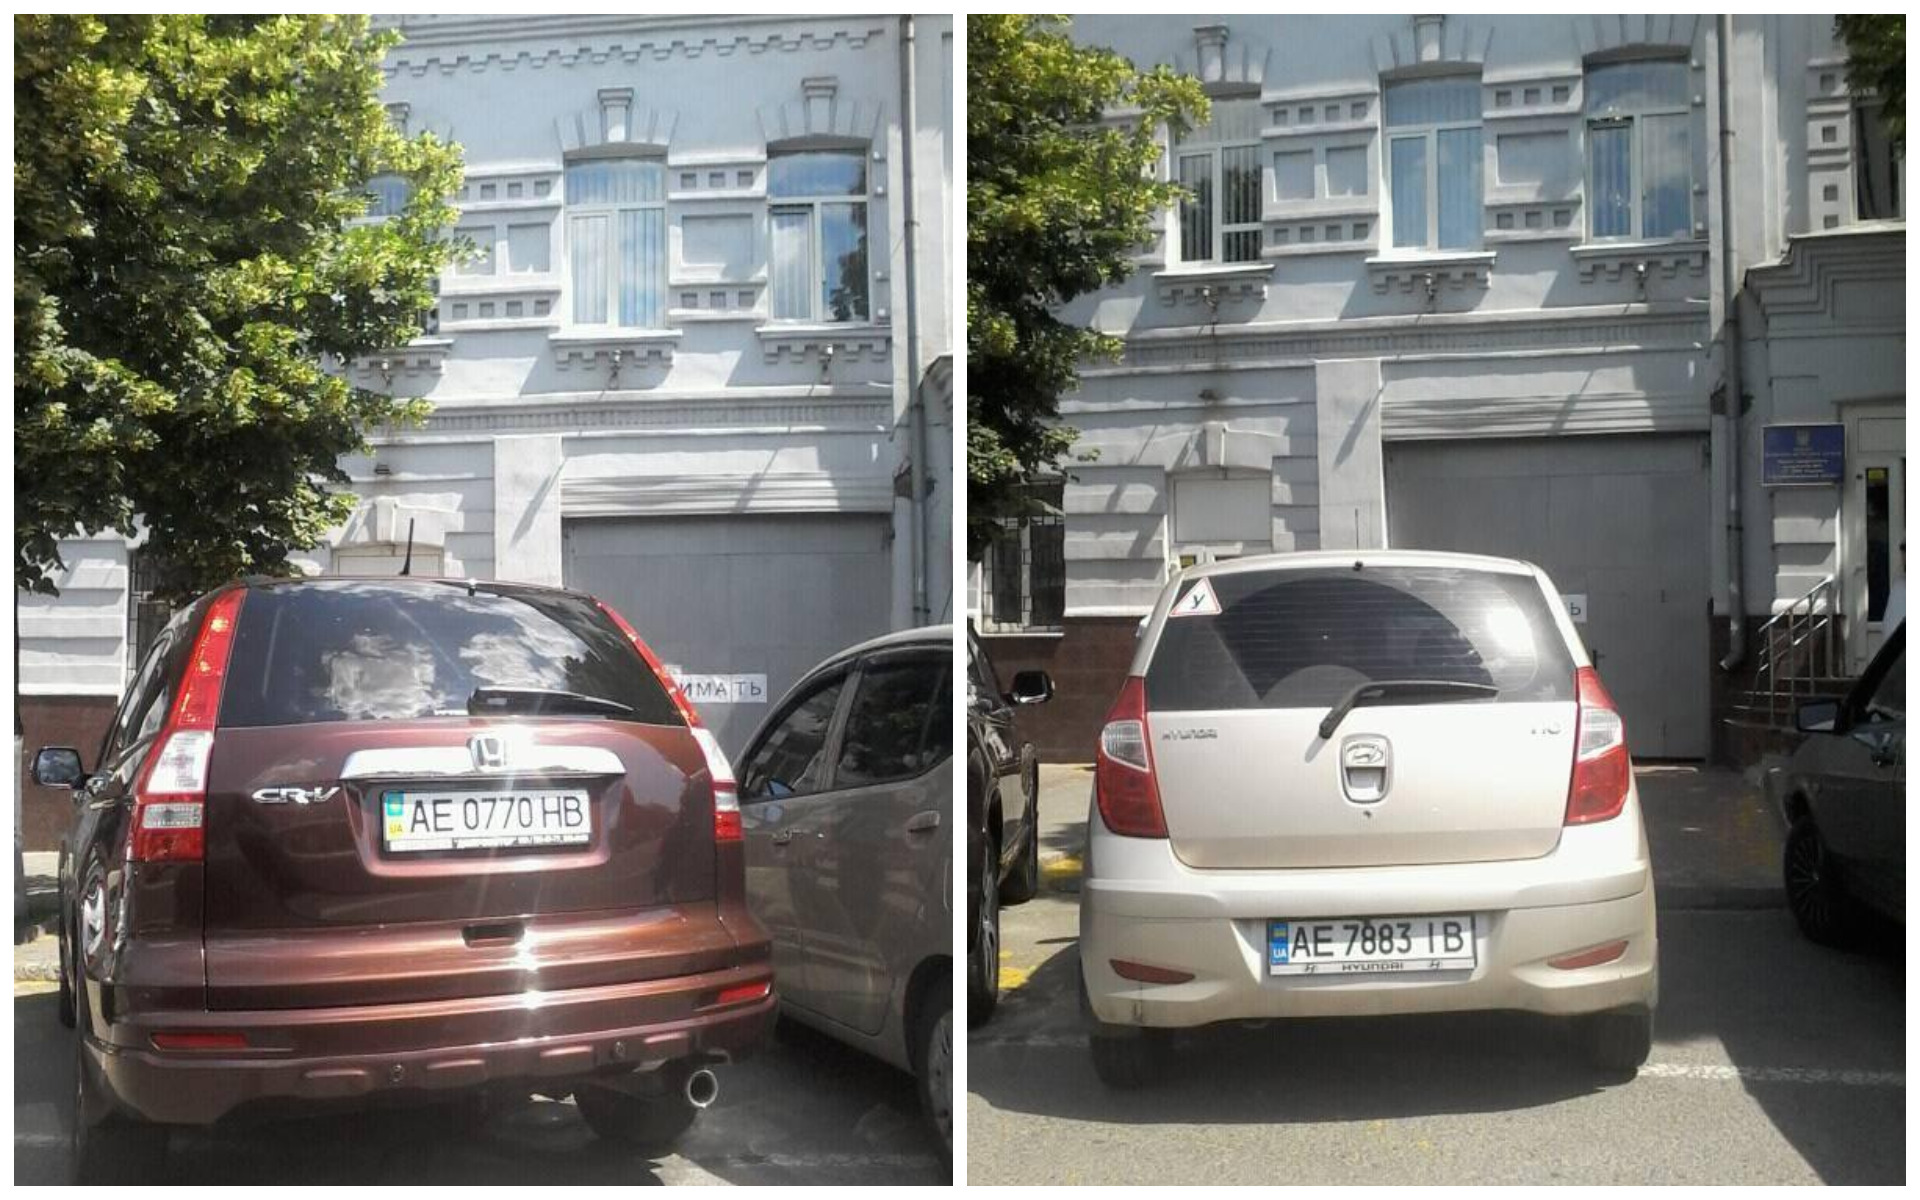 Honda CR-V с номером АЕ 0770 НВ и Hyundai I10 с номером АЕ 7883 ІВ